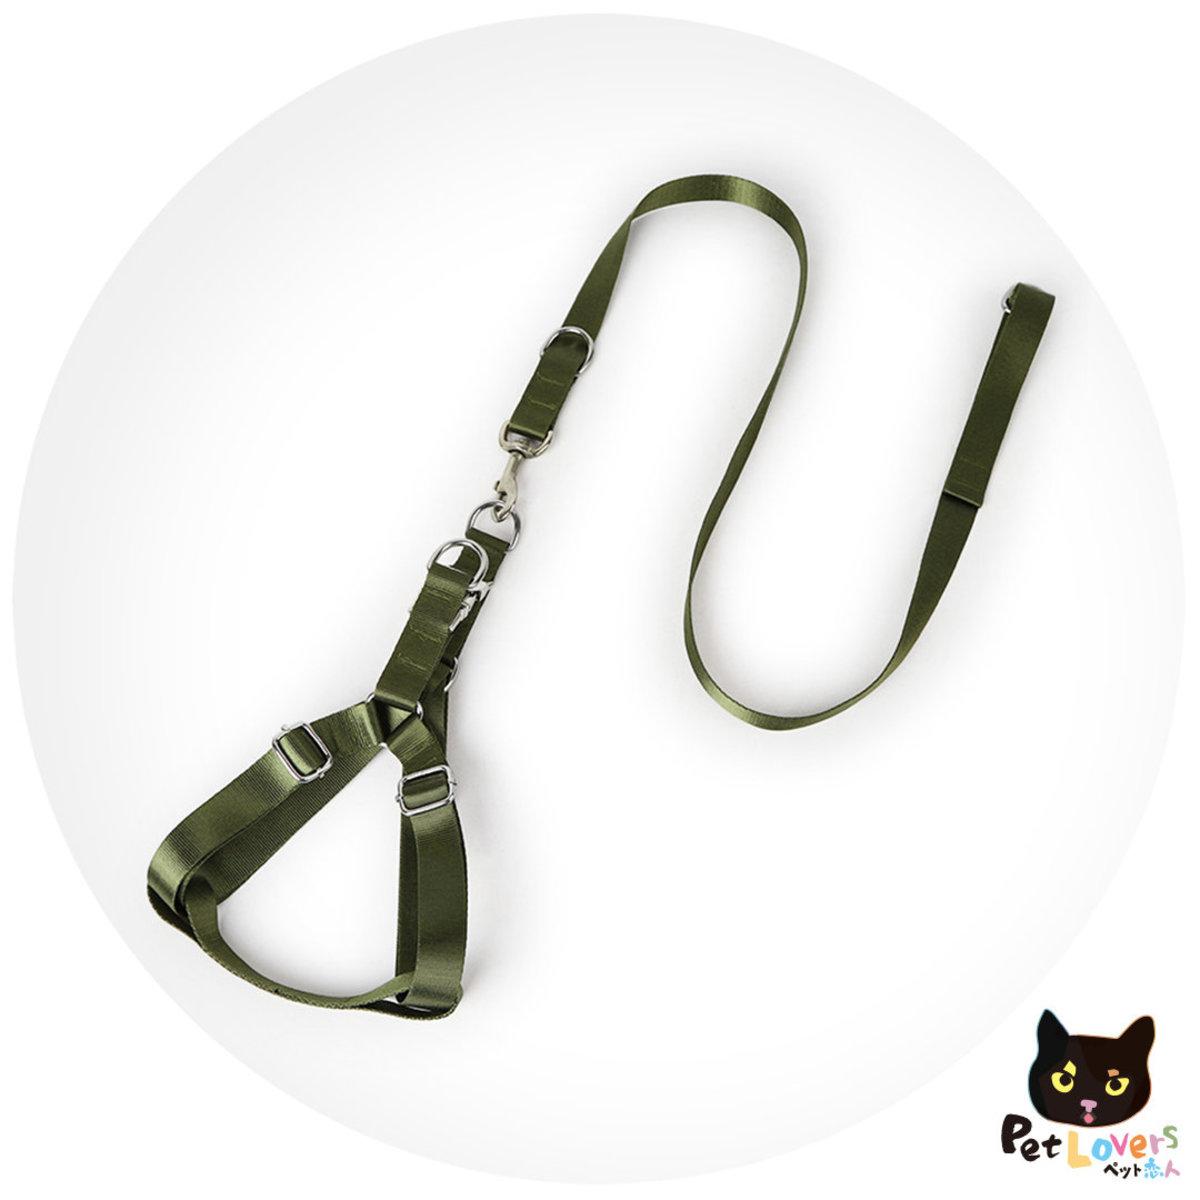 大狗用加厚鐡扣胸背牽引繩-軍綠色(適合中大型犬)